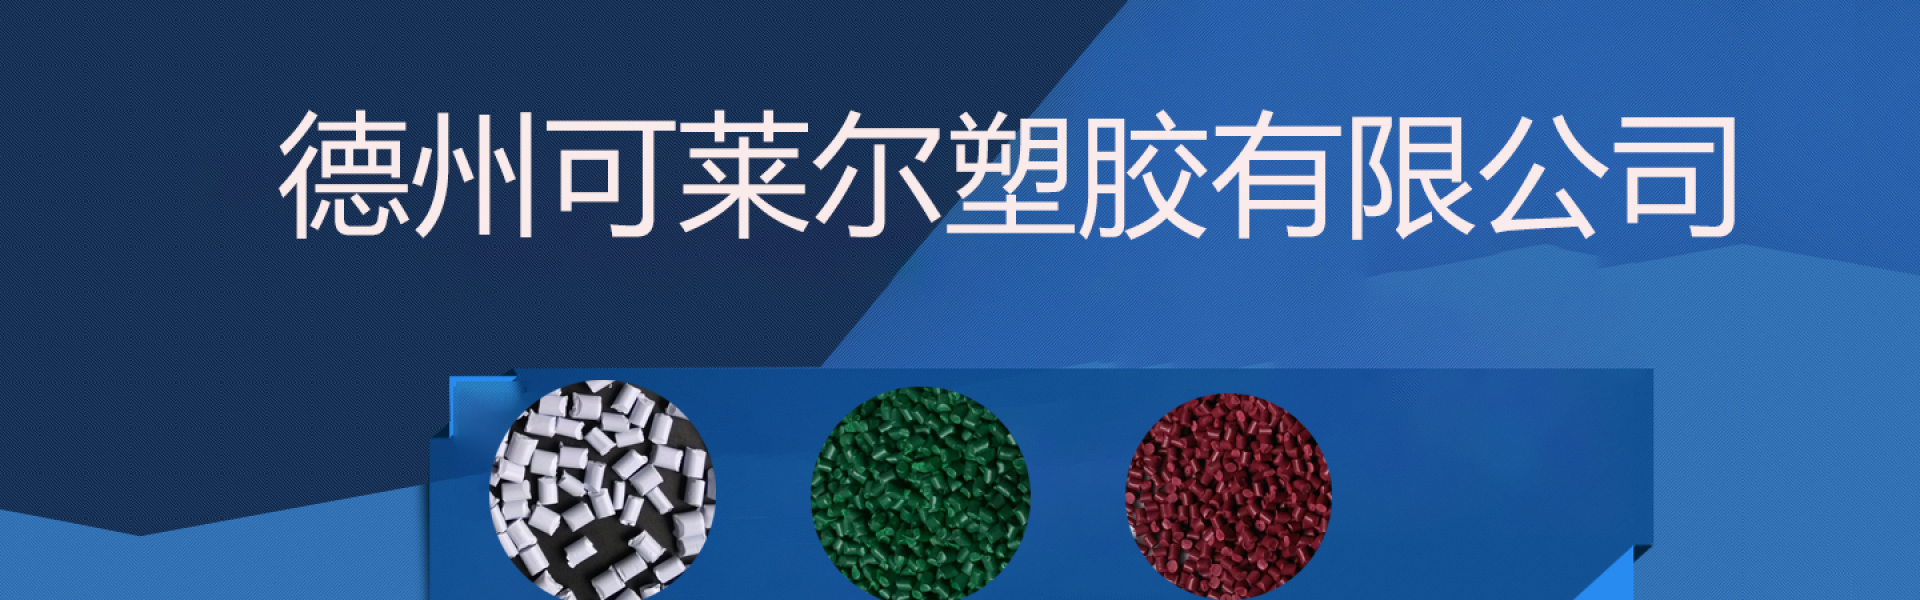 色母粒|红色母粒|黑色母粒|彩色母粒|塑胶色母粒|塑胶助剂-德州可莱尔塑胶有限公司